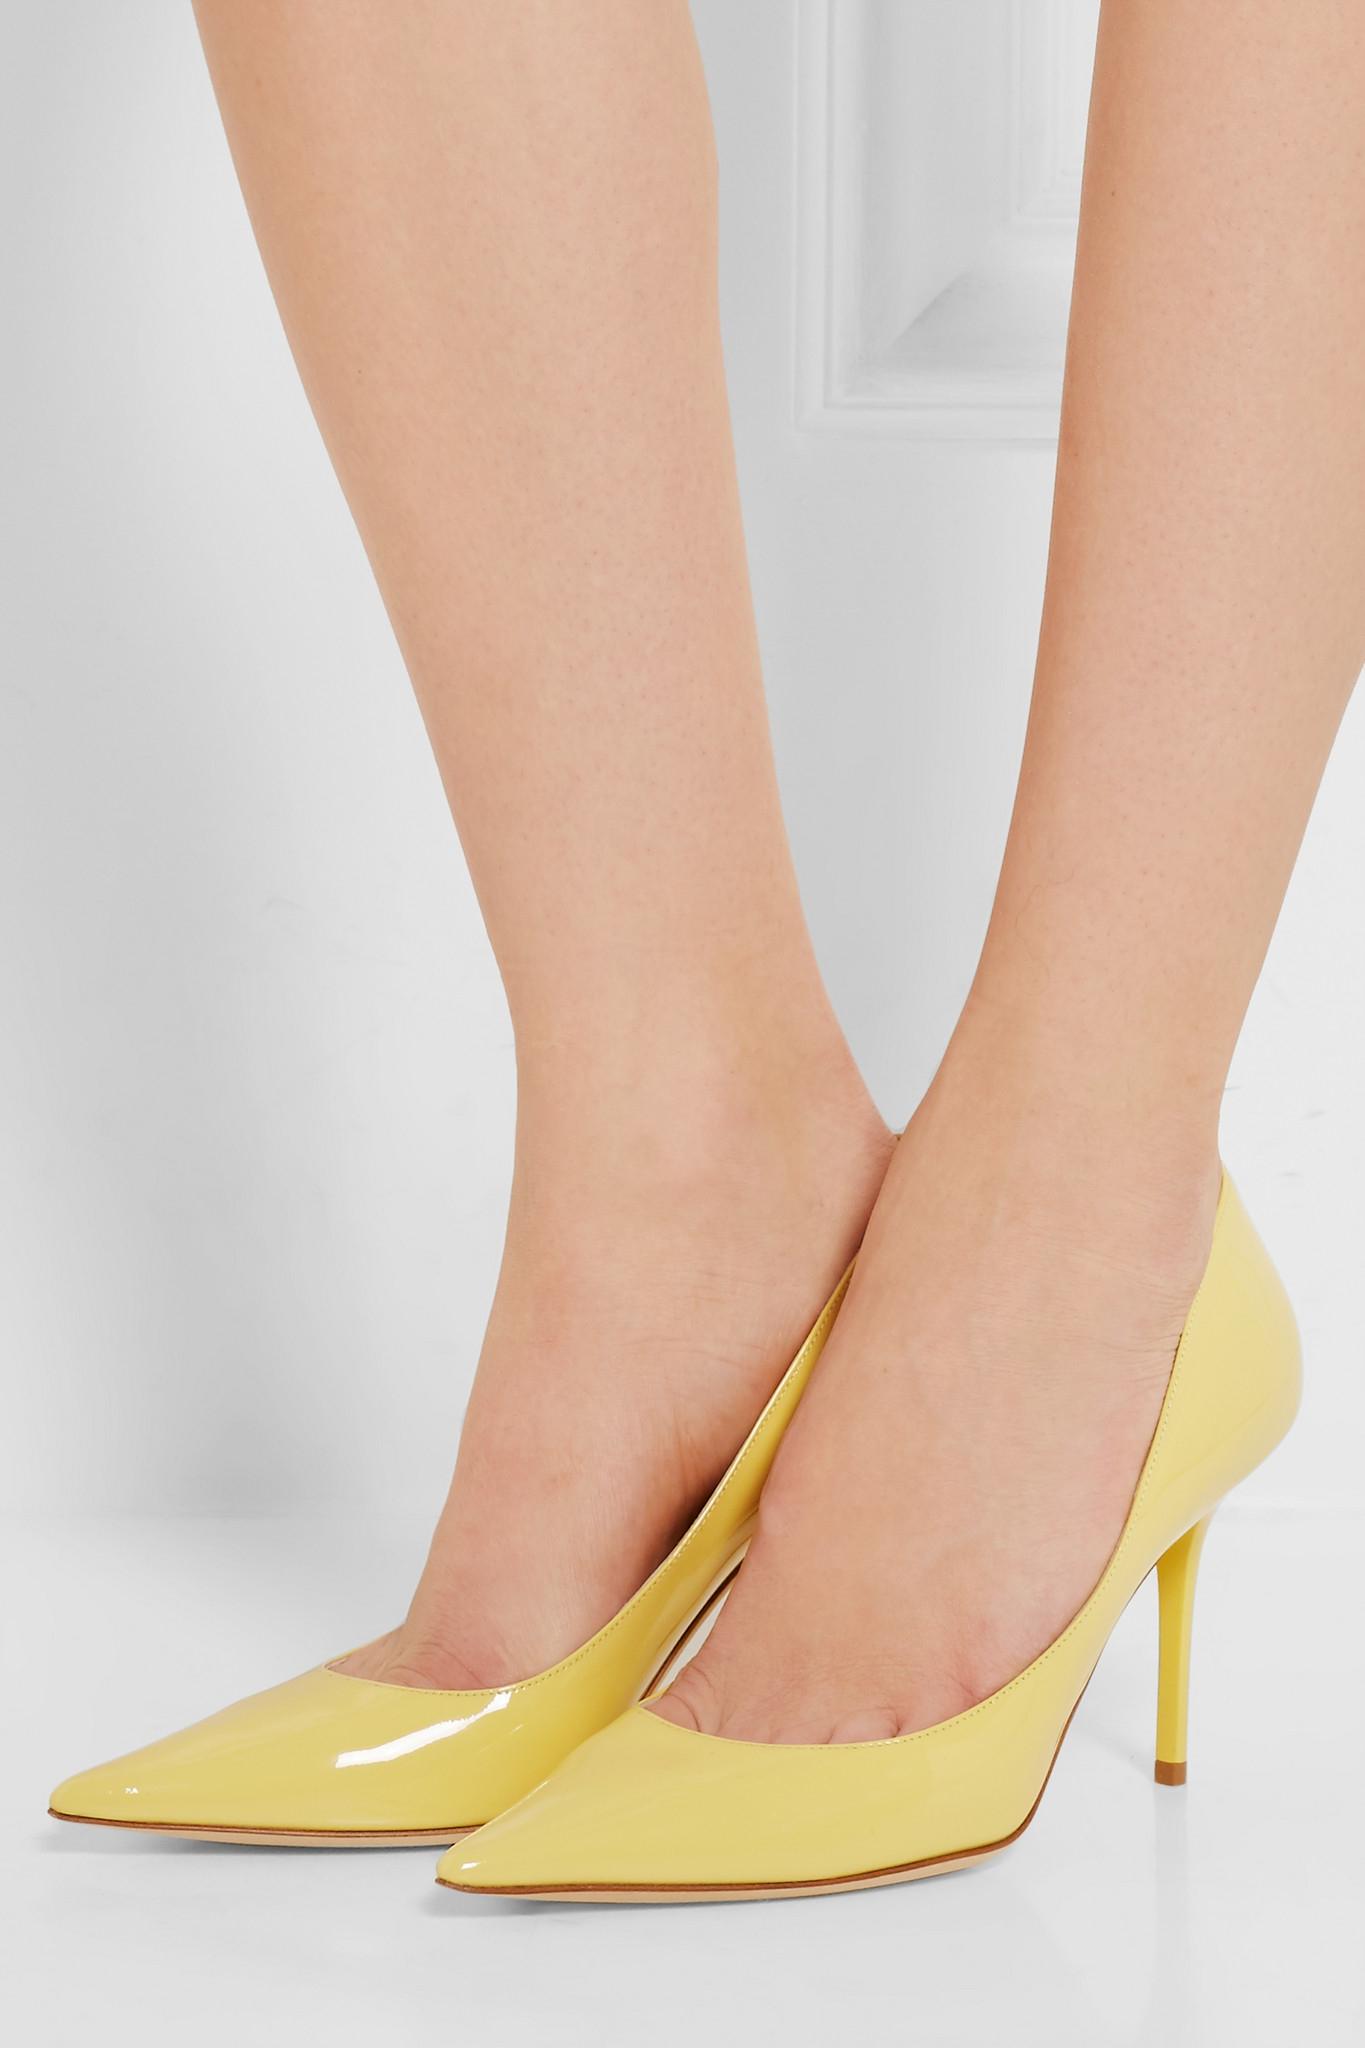 Pastel Yellow Heels - Is Heel